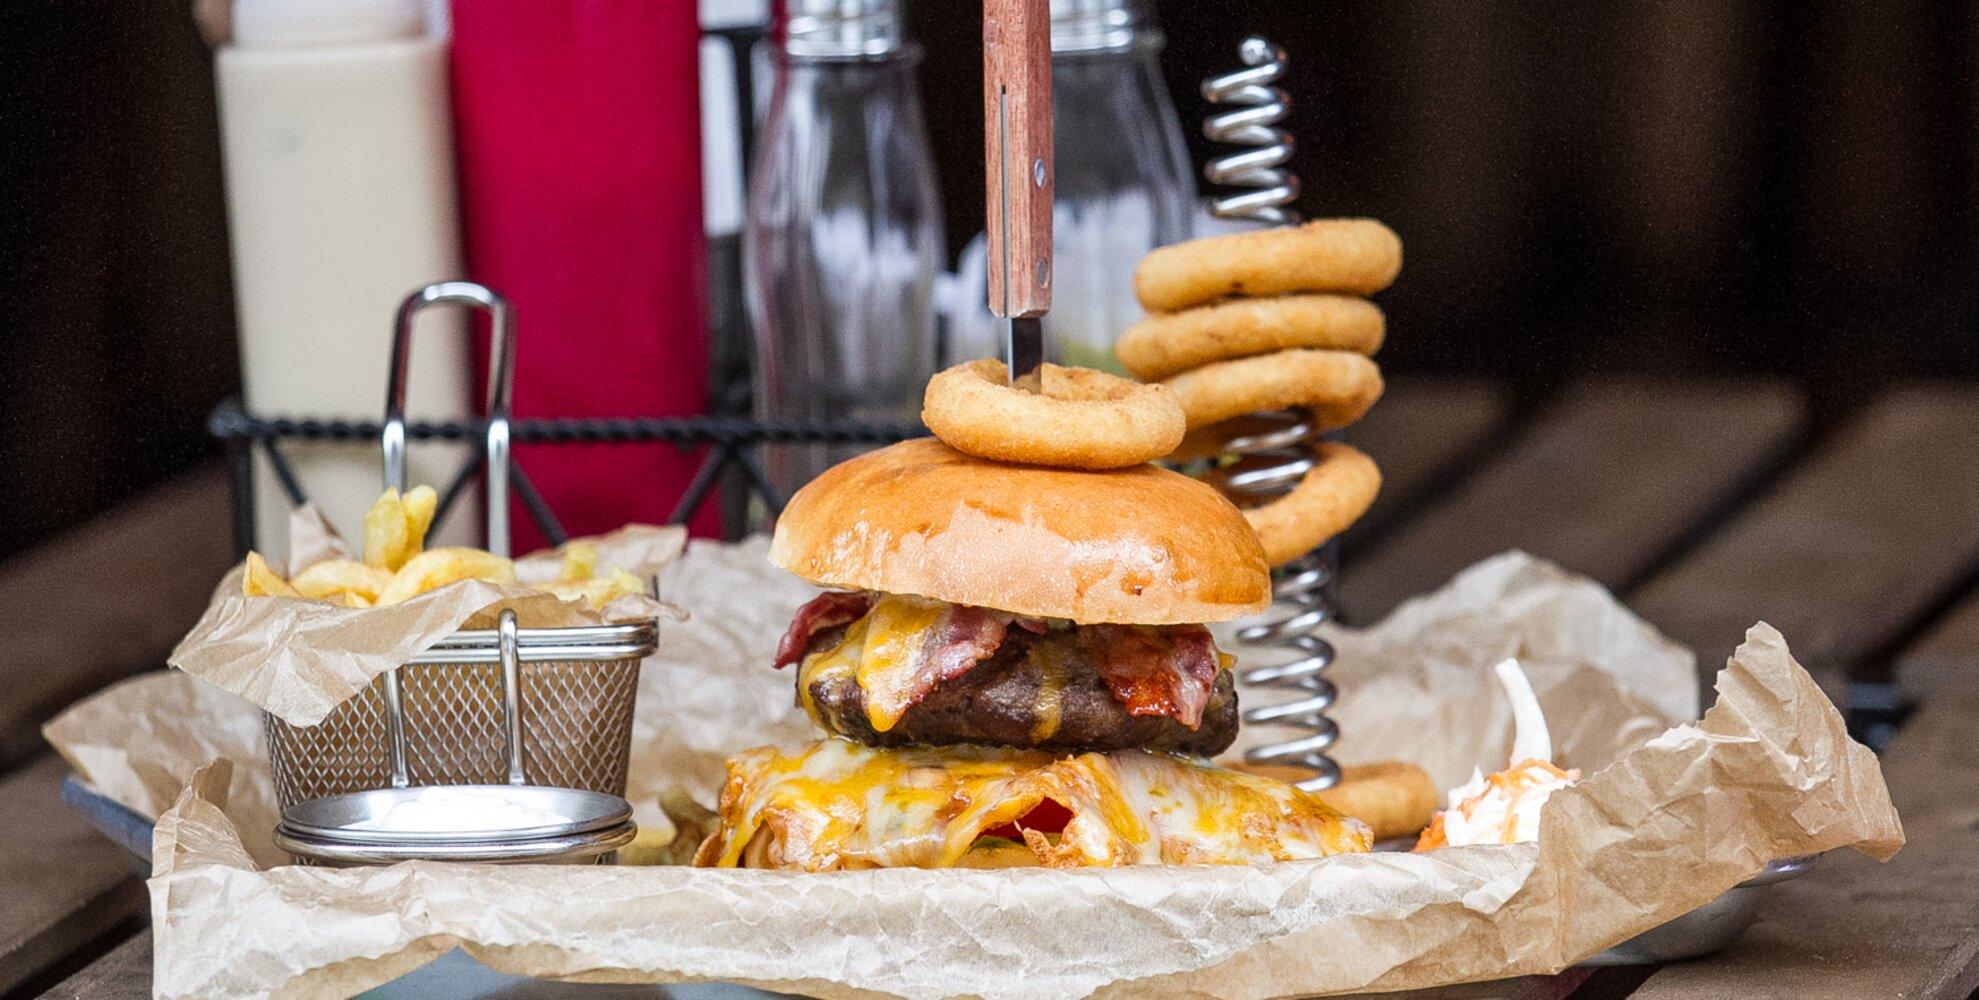 Megmutatjuk a főváros legjobb hamburgereit